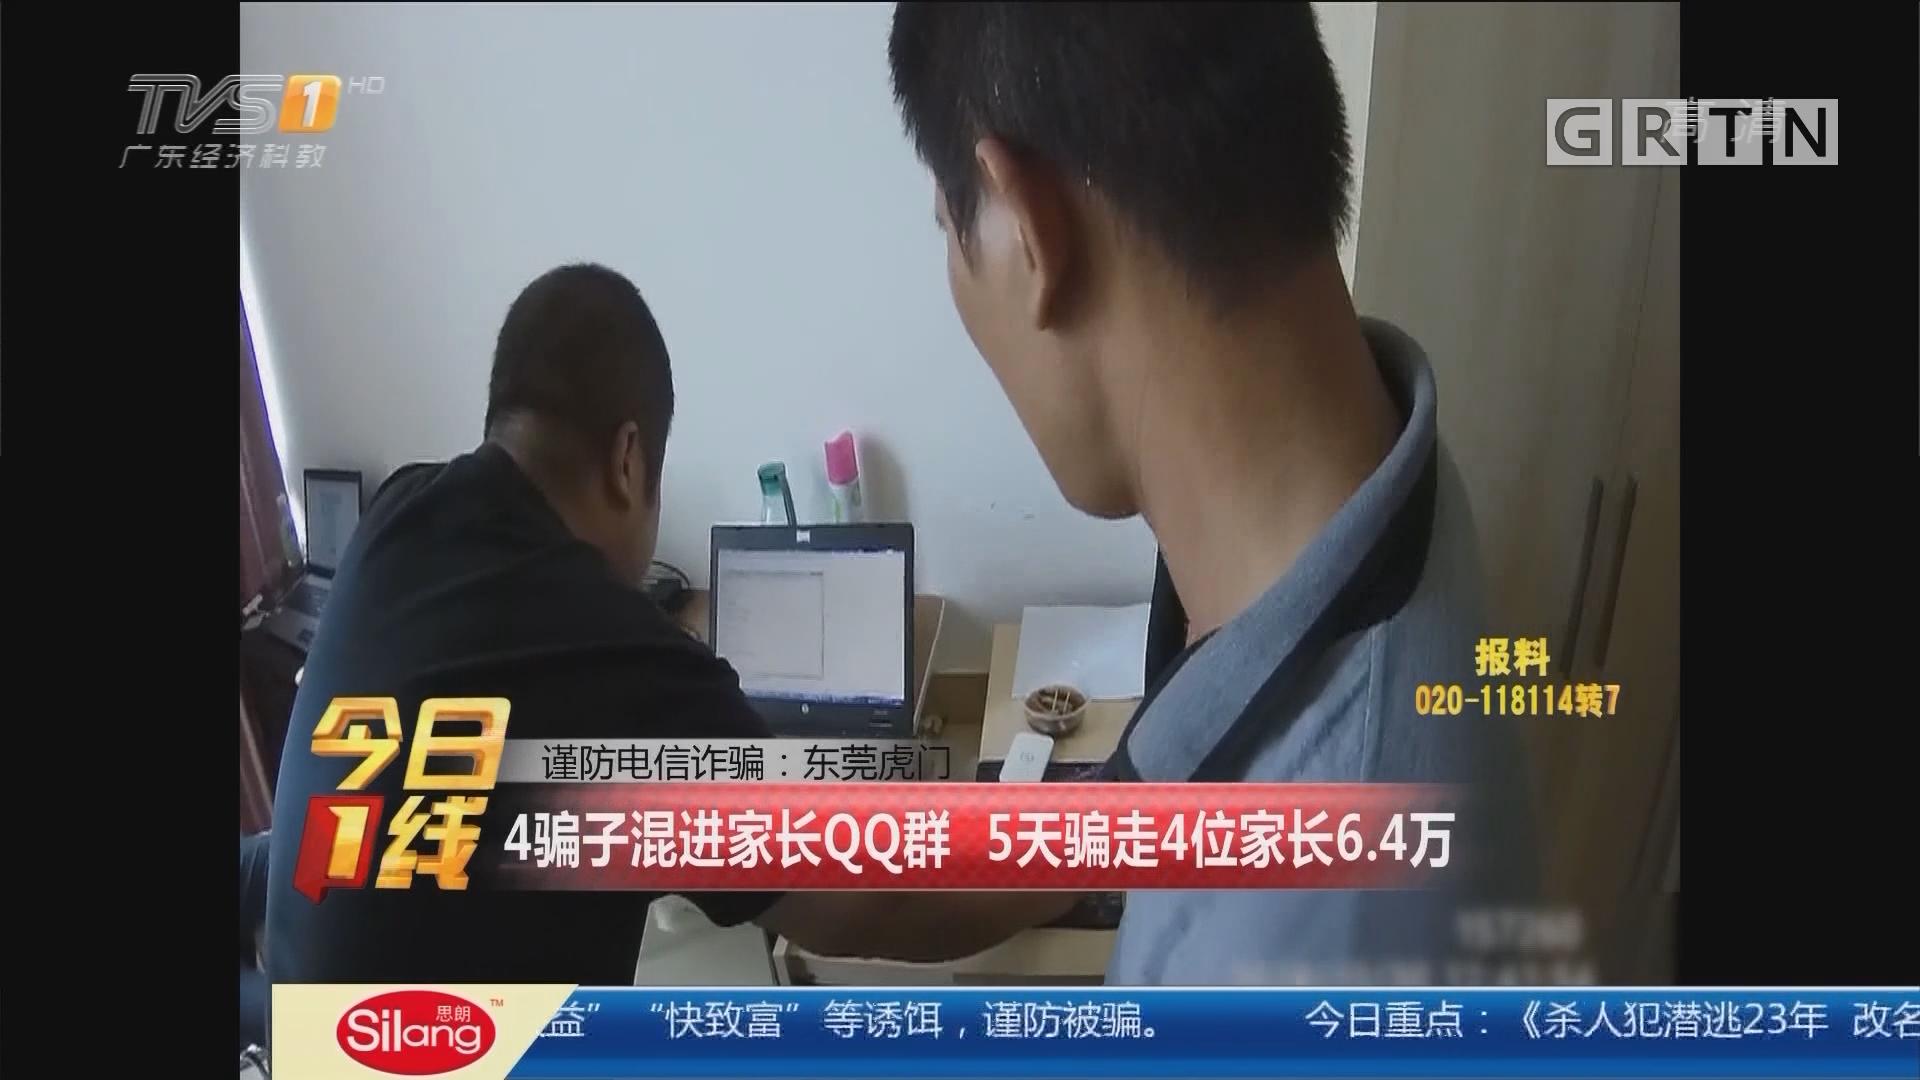 谨防电信诈骗:东莞虎门 4骗子混进家长QQ群 5天骗走4位家长6.4万